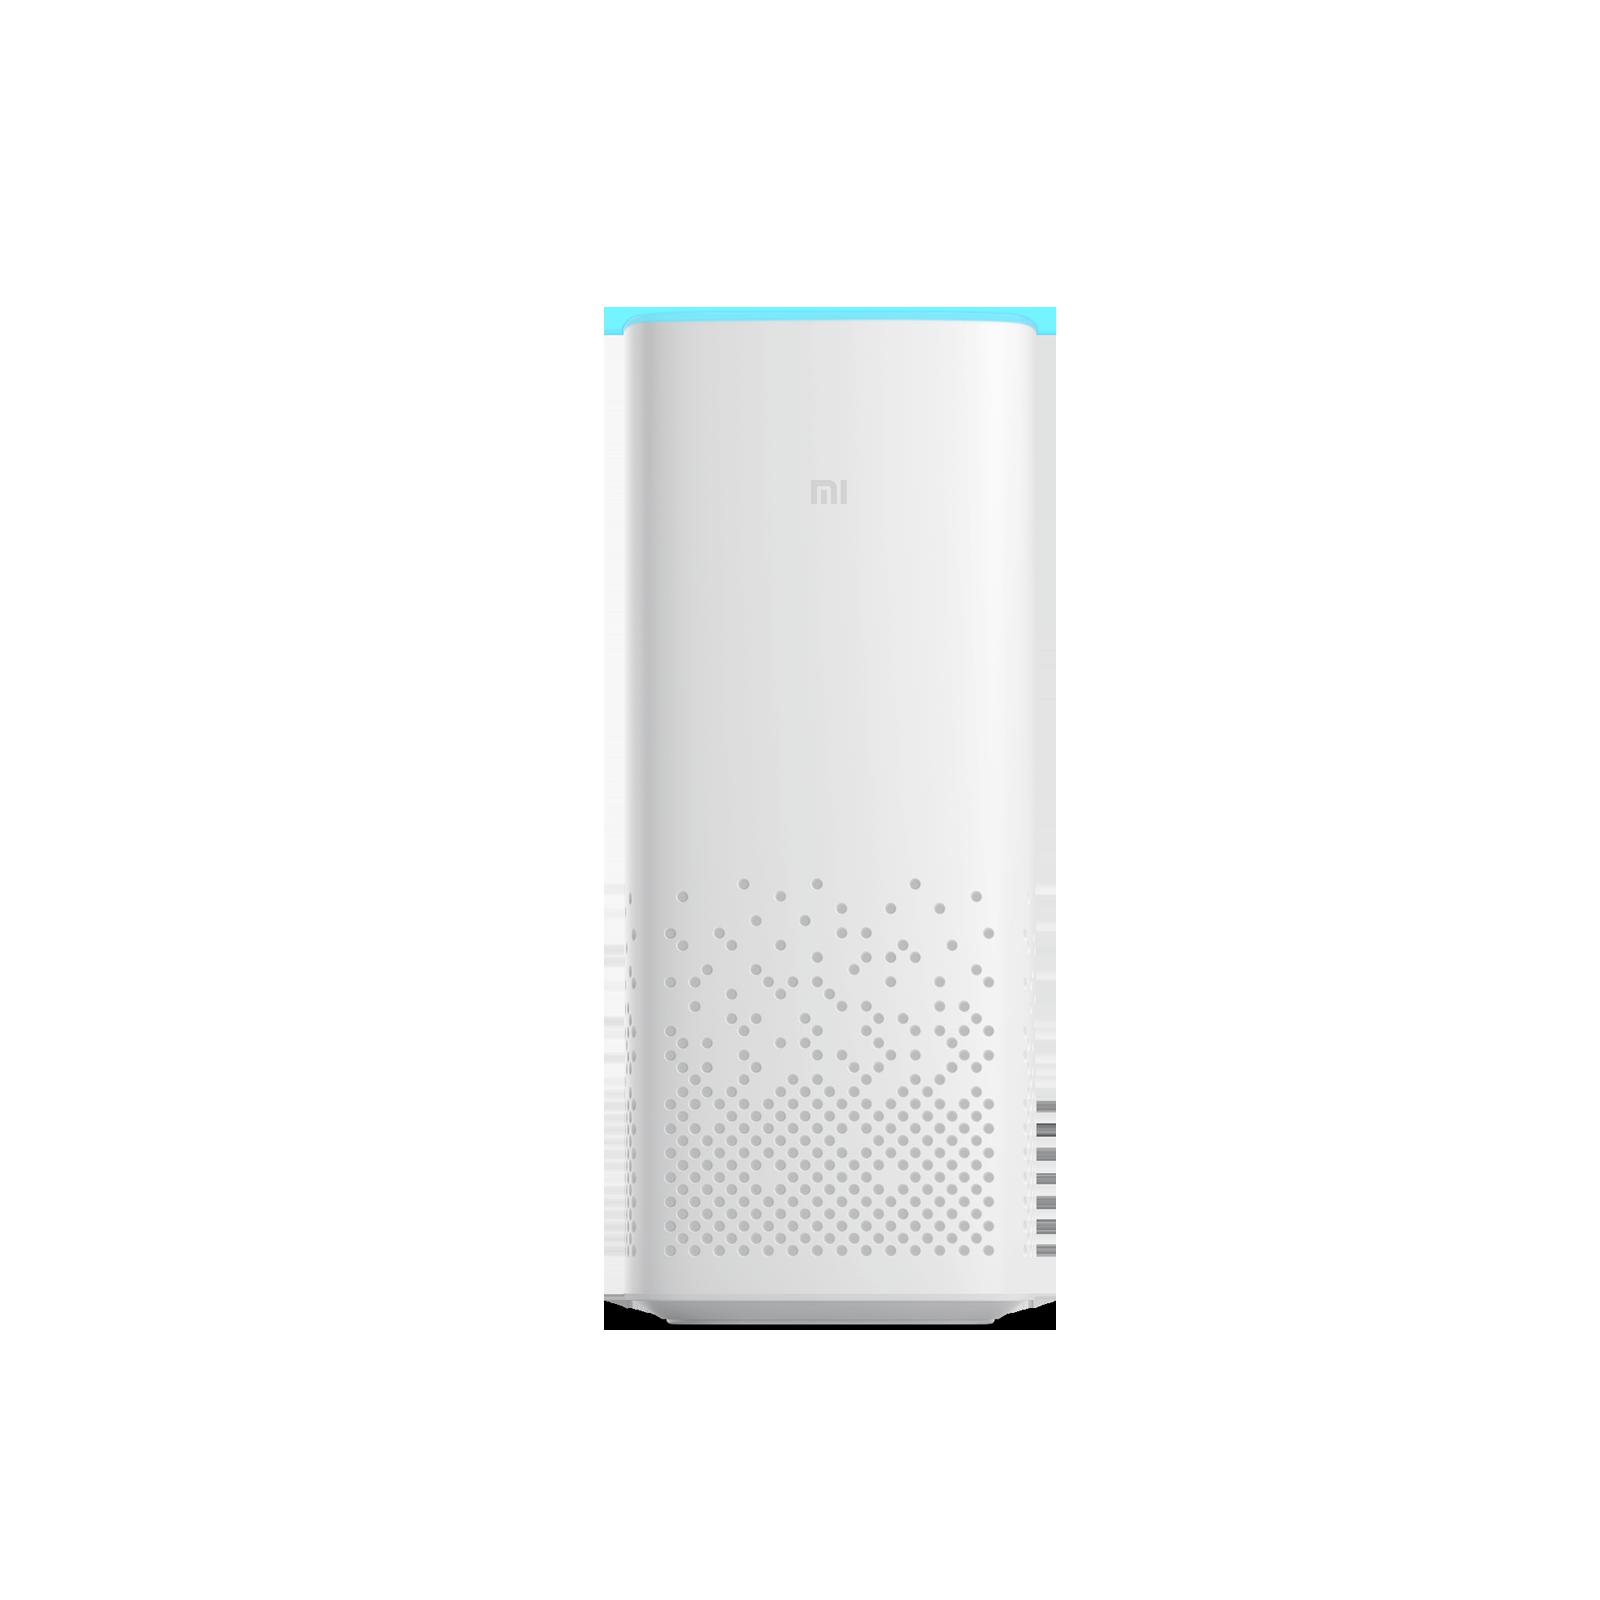 【Mi小米】小米AI音箱-智慧音箱 藍牙音箱 聲控音樂 寶寶聽說讀的好夥伴